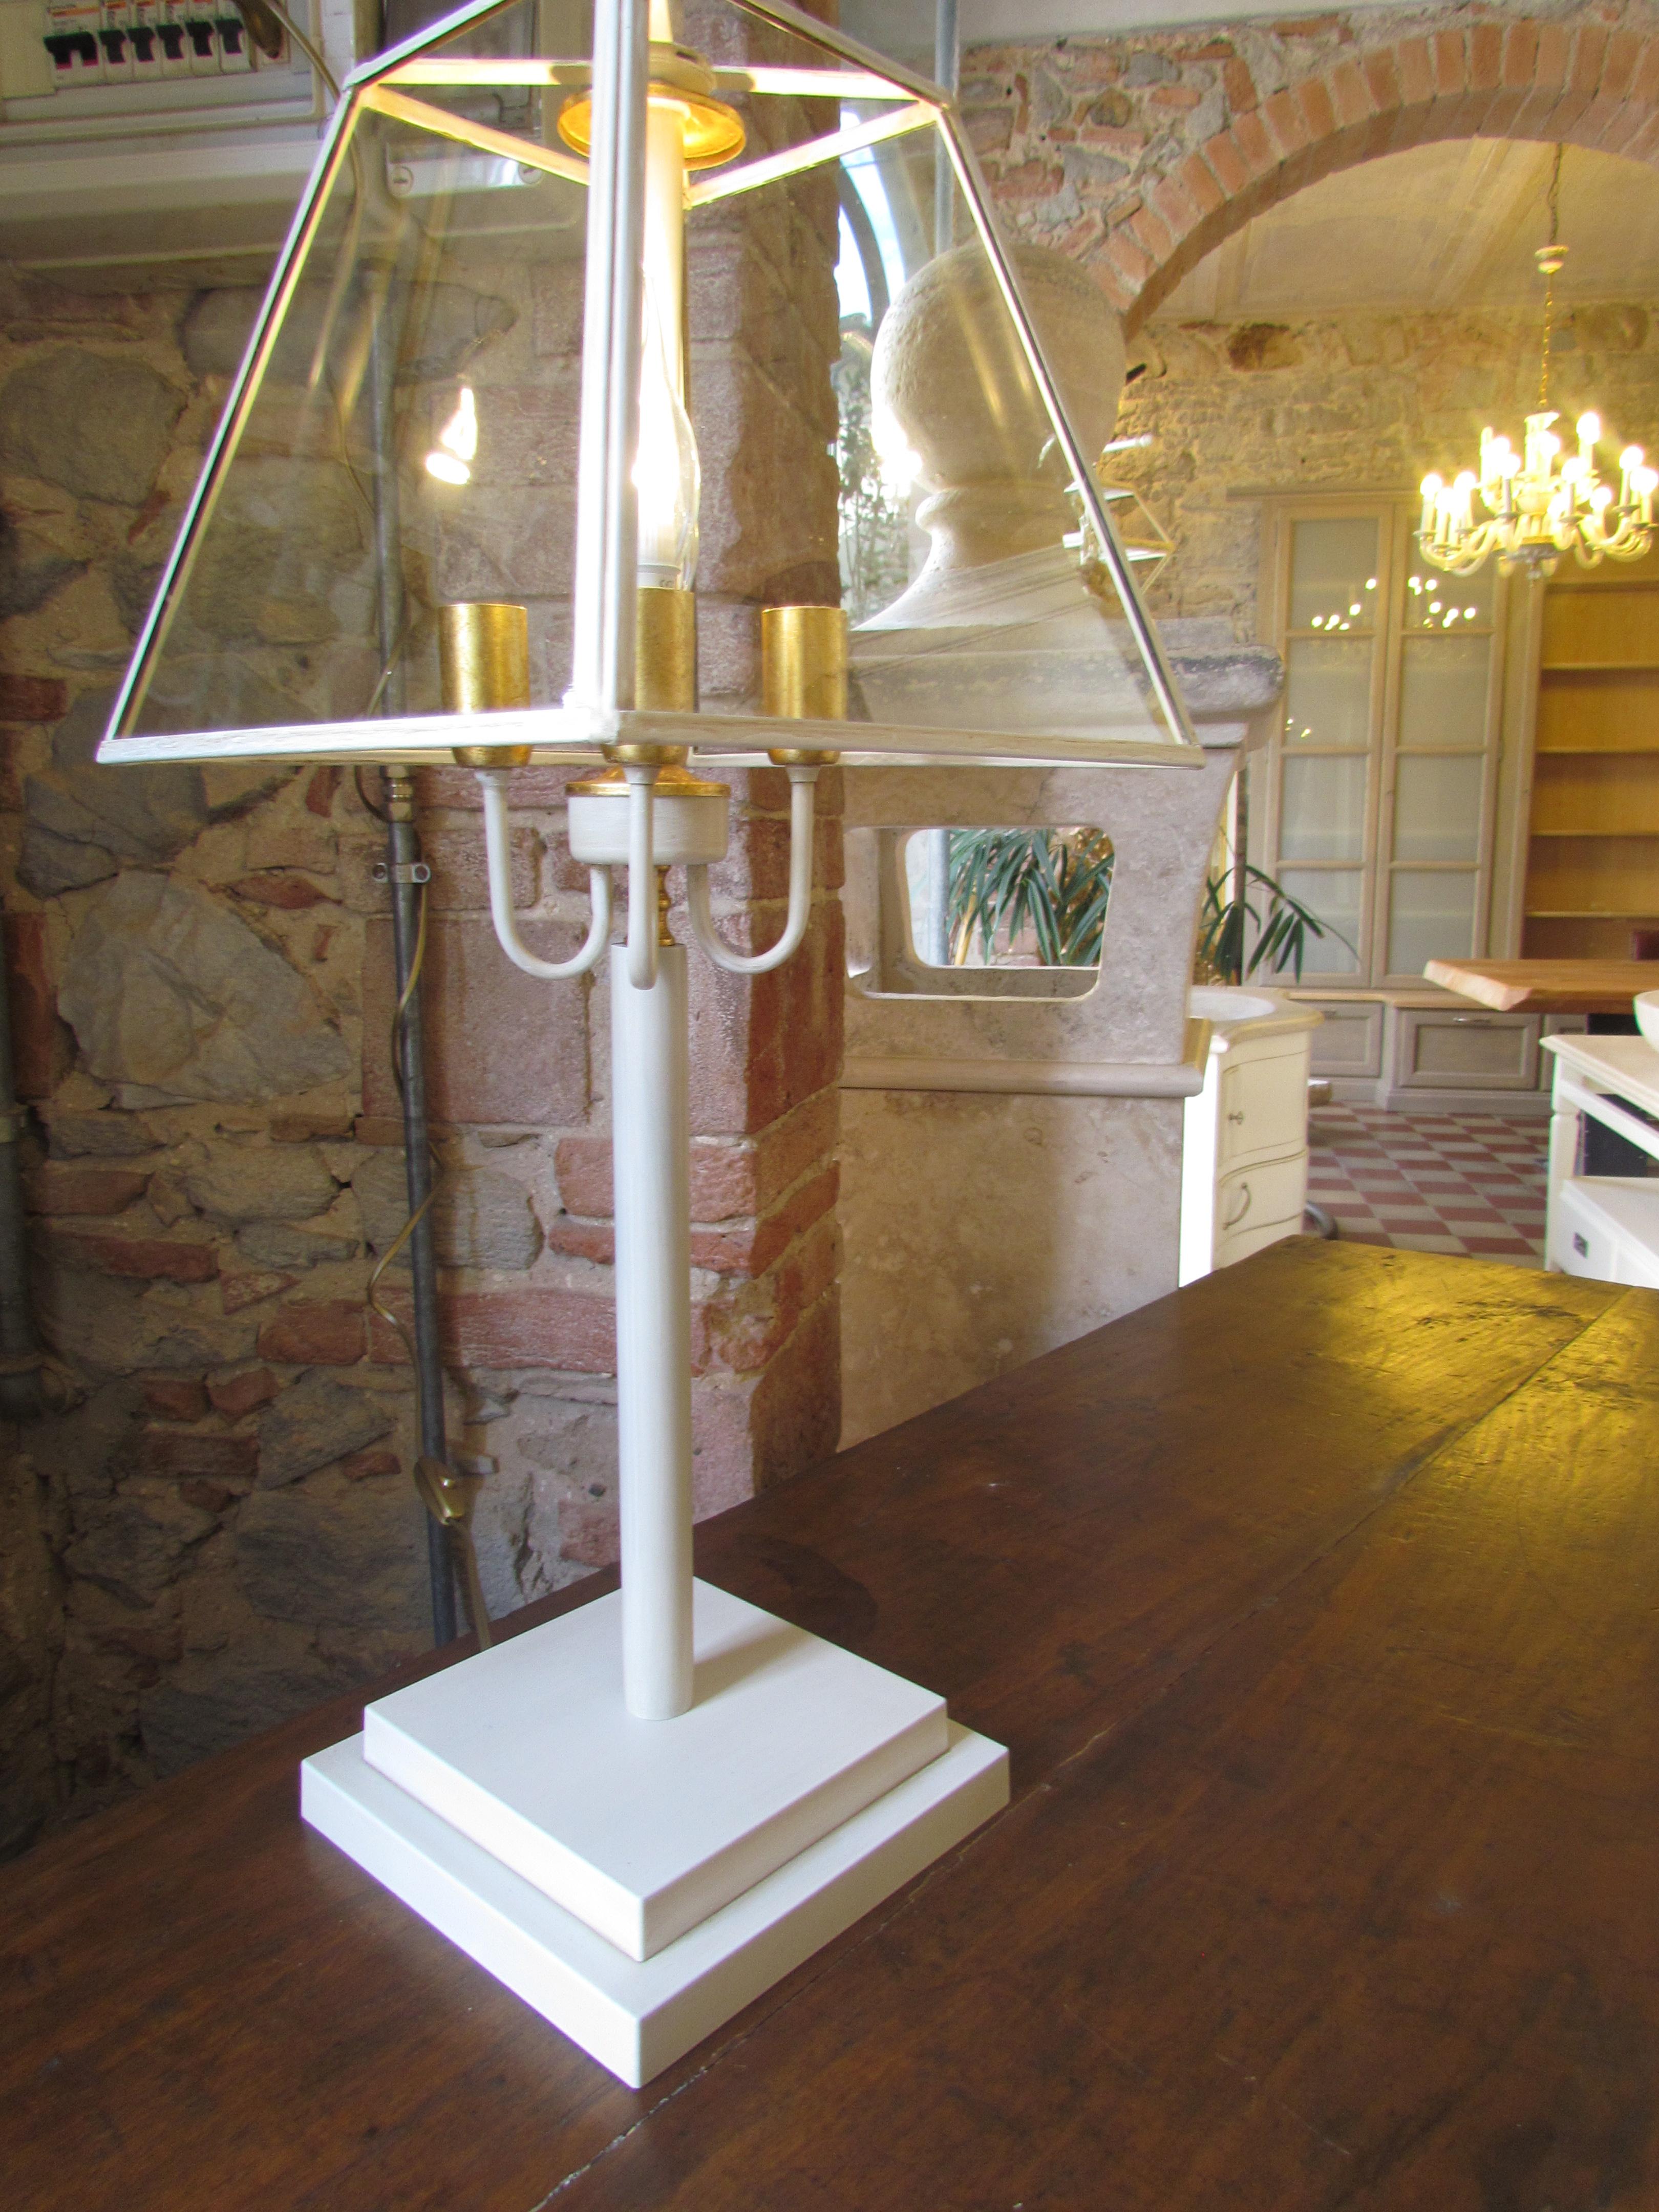 Lampada Stelle Soffitto: Lampada proiettore stelle soffitto da interno grandbeing? rotante.